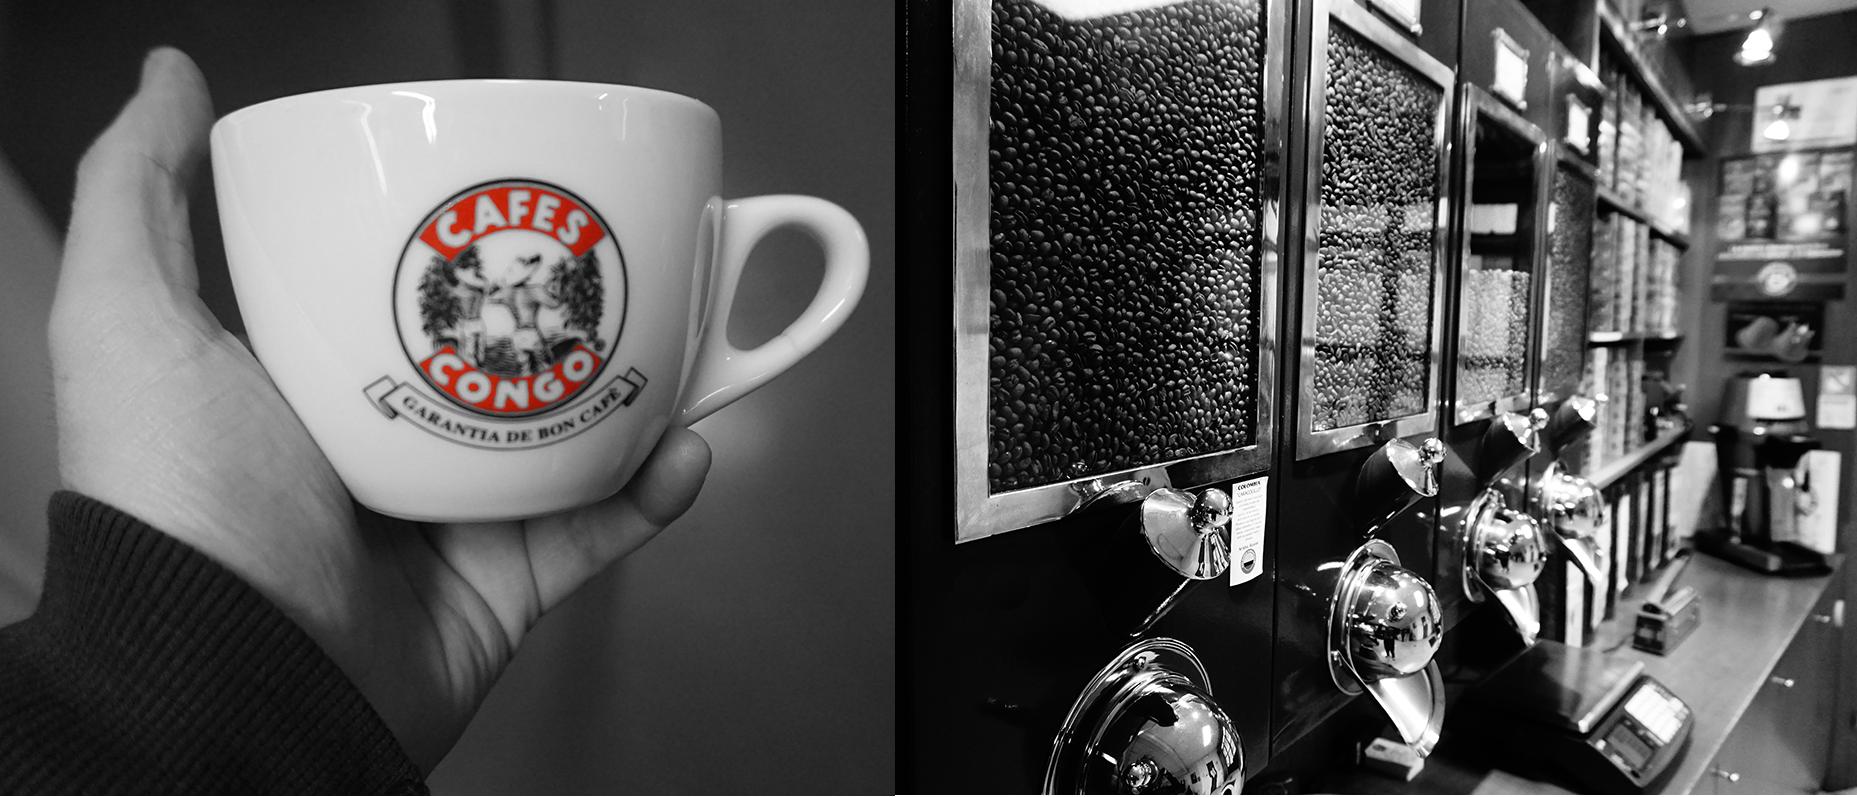 Cafès Congo des de sempre